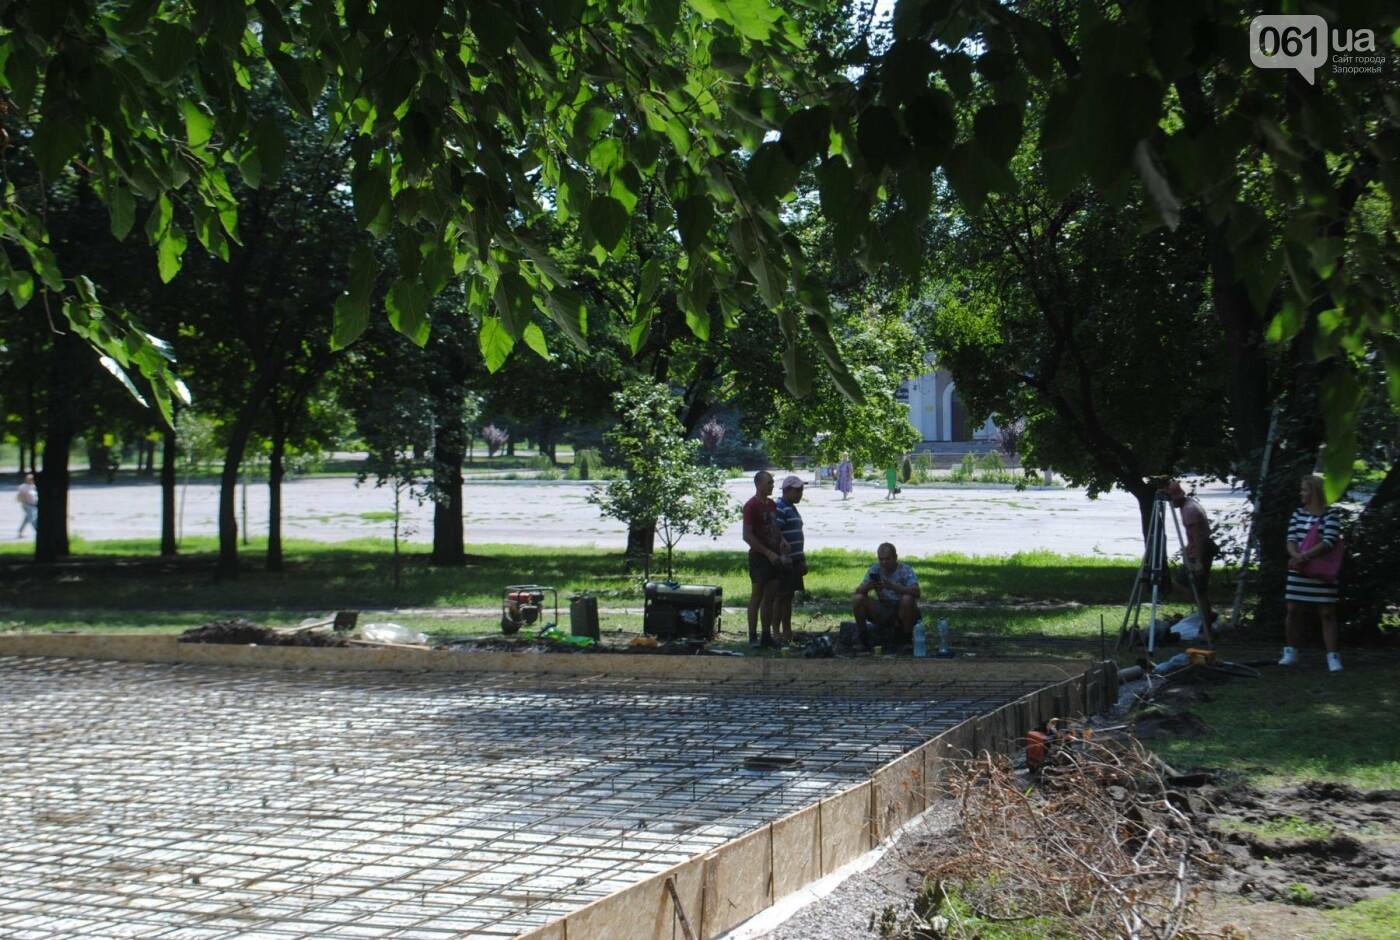 В сквере Яланского рабочие строят, сами не зная, что, - ФОТО, фото-3